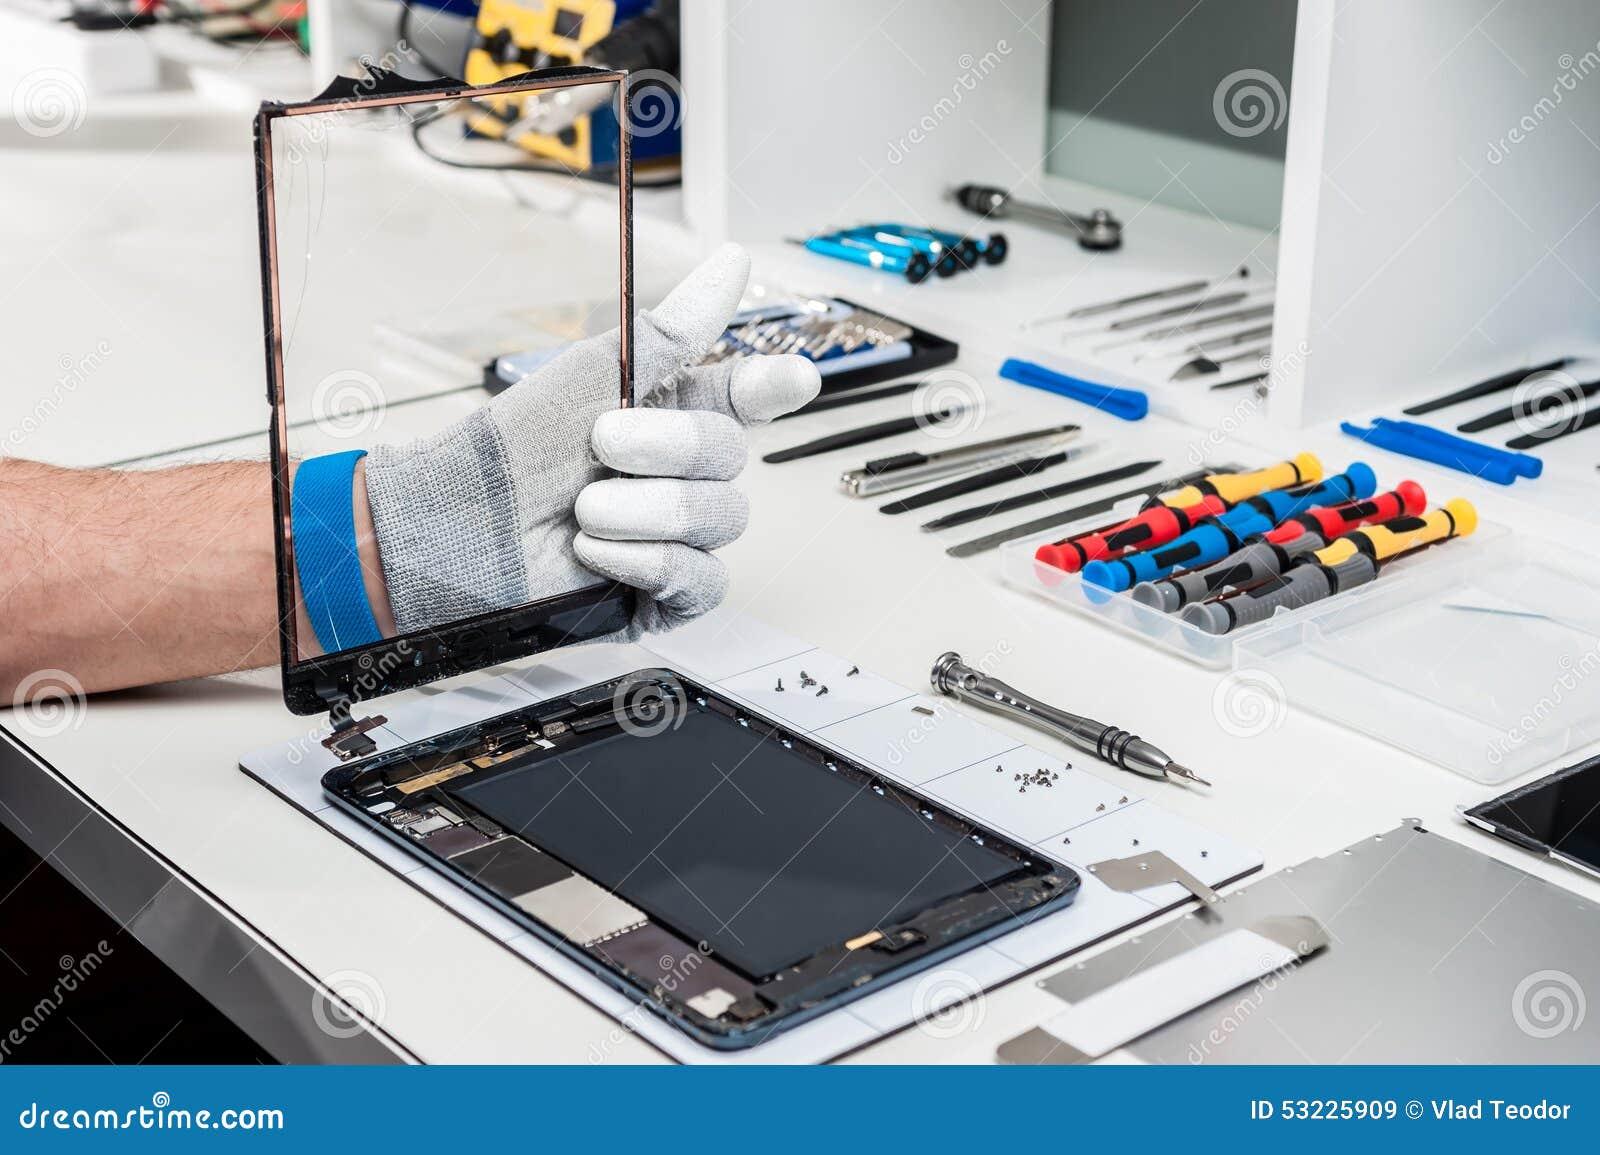 Tablet, pod repair